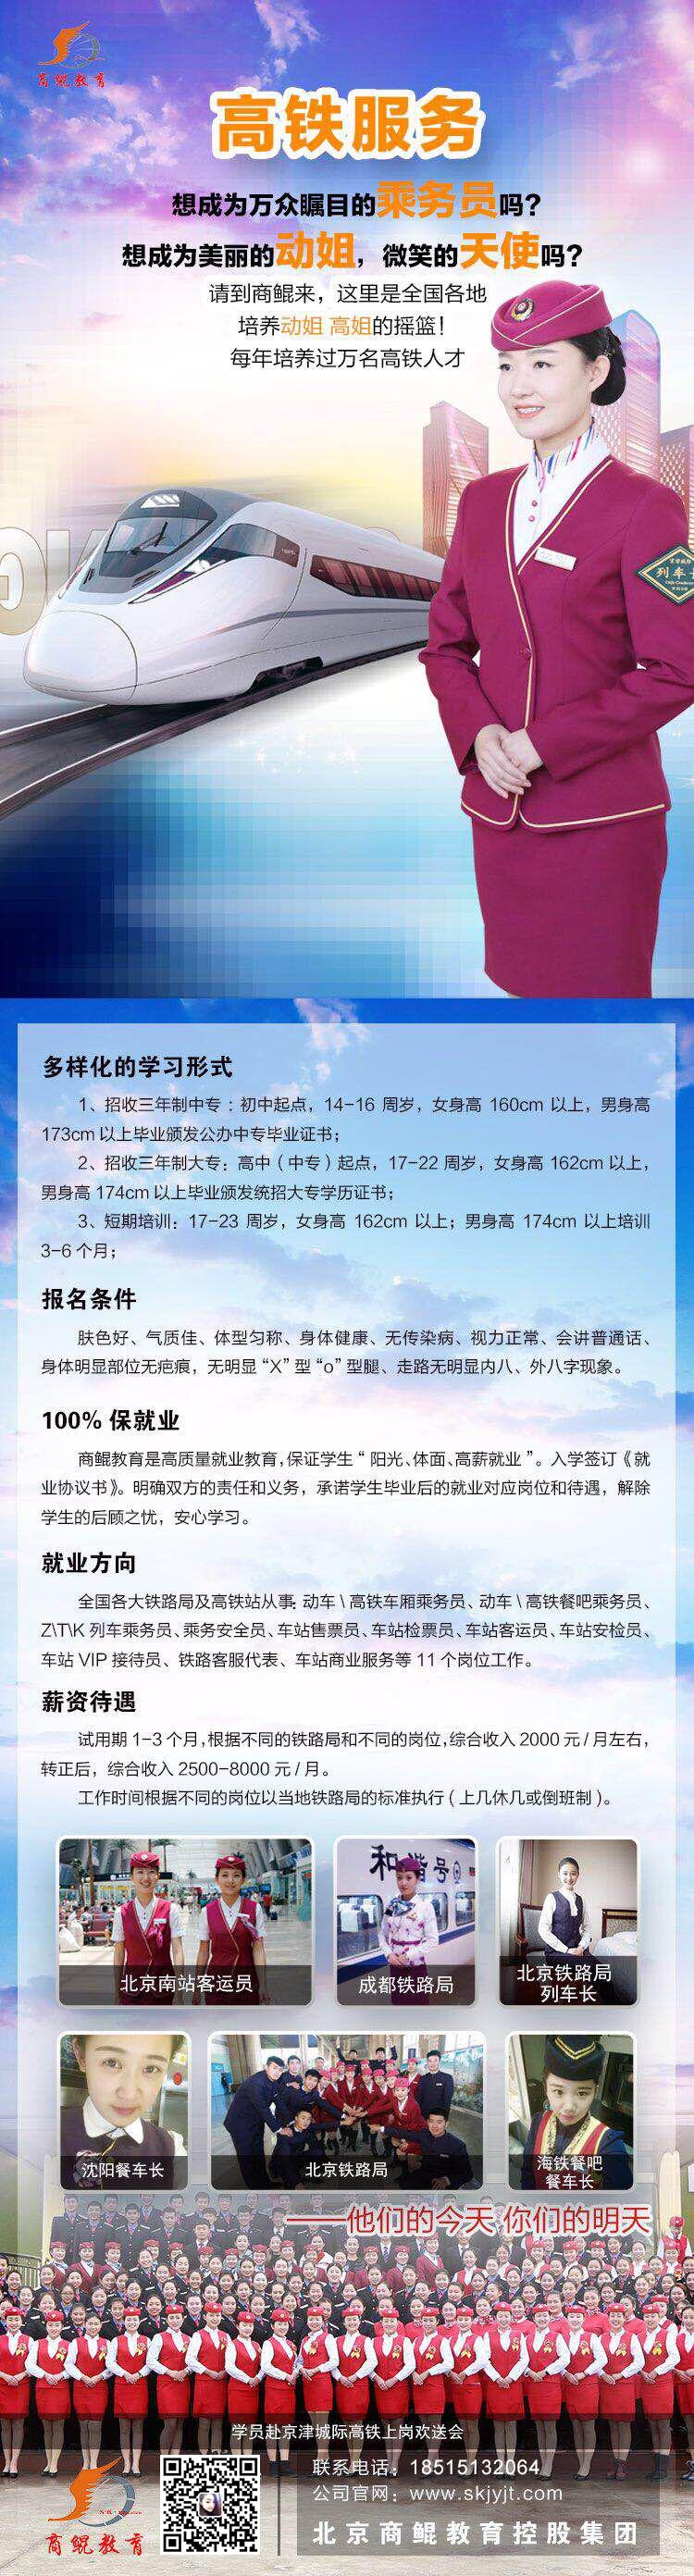 北京商鲲教育高铁专业面向全国招生